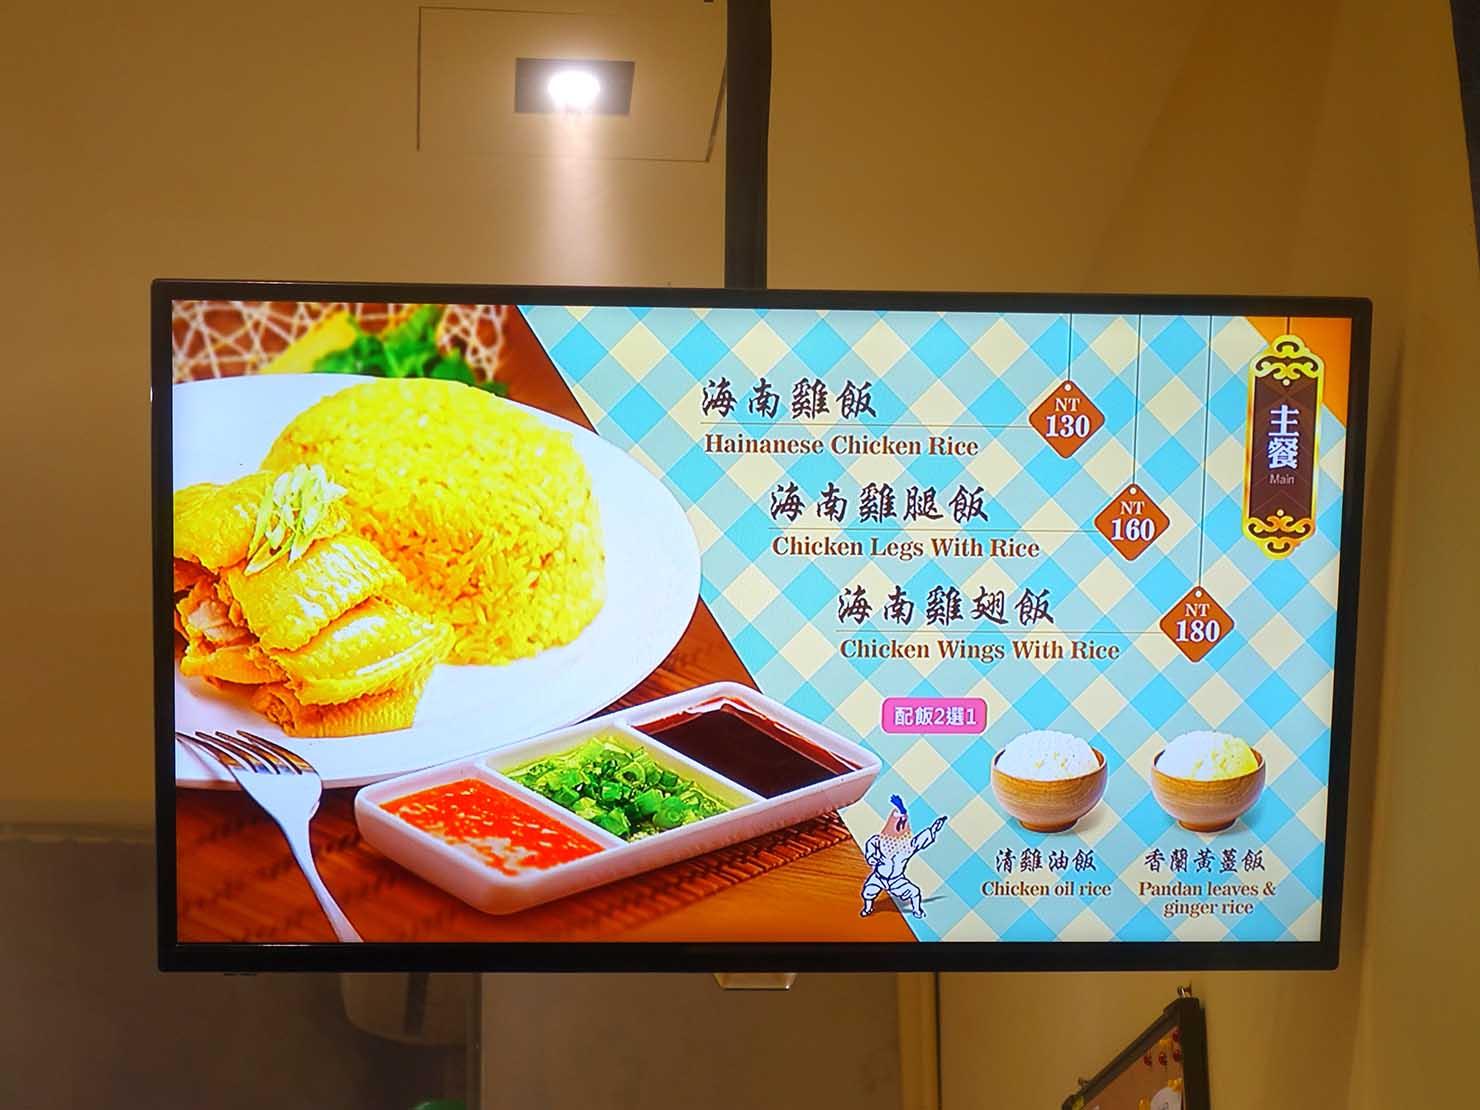 台北101エリア・市政府駅周辺のおすすめ台湾グルメ「瑞記海南雞飯」のメニュー